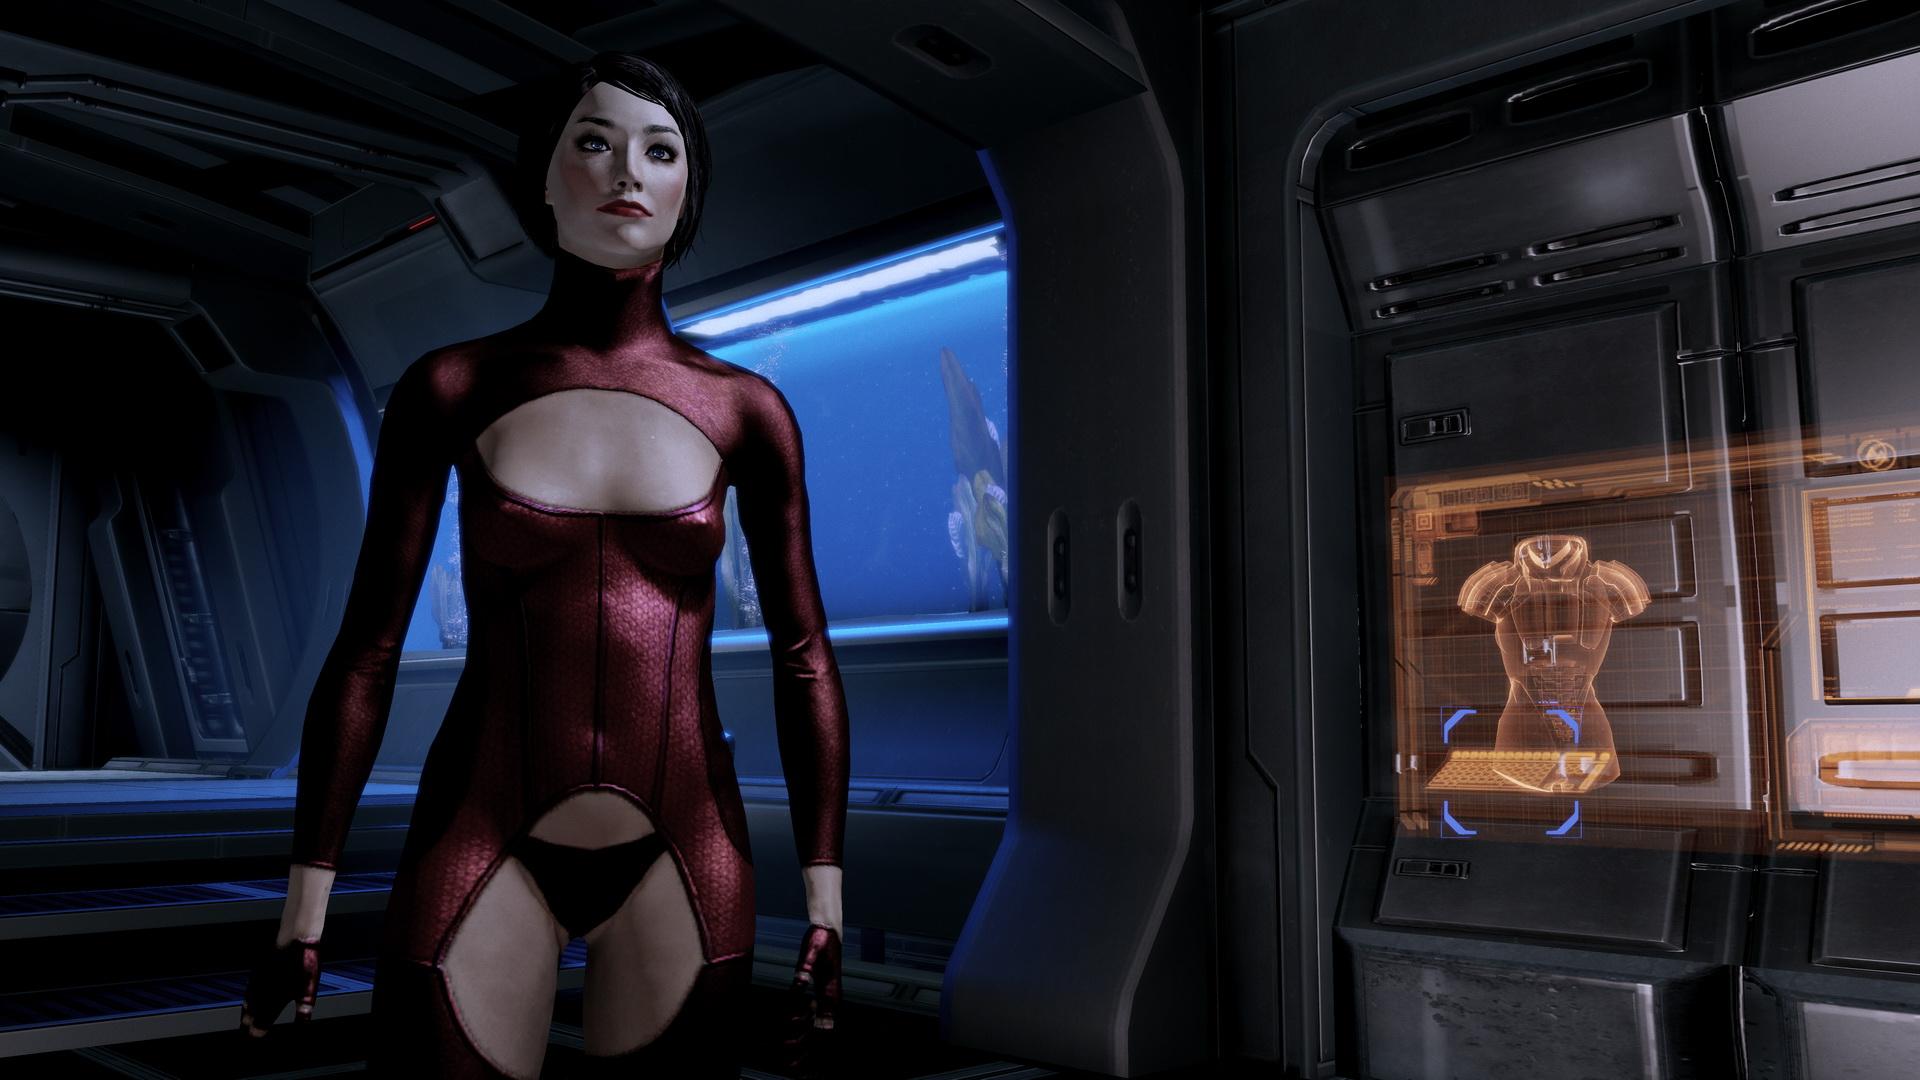 Highres_Screenshot_00000.jpg - Mass Effect 2 game girls